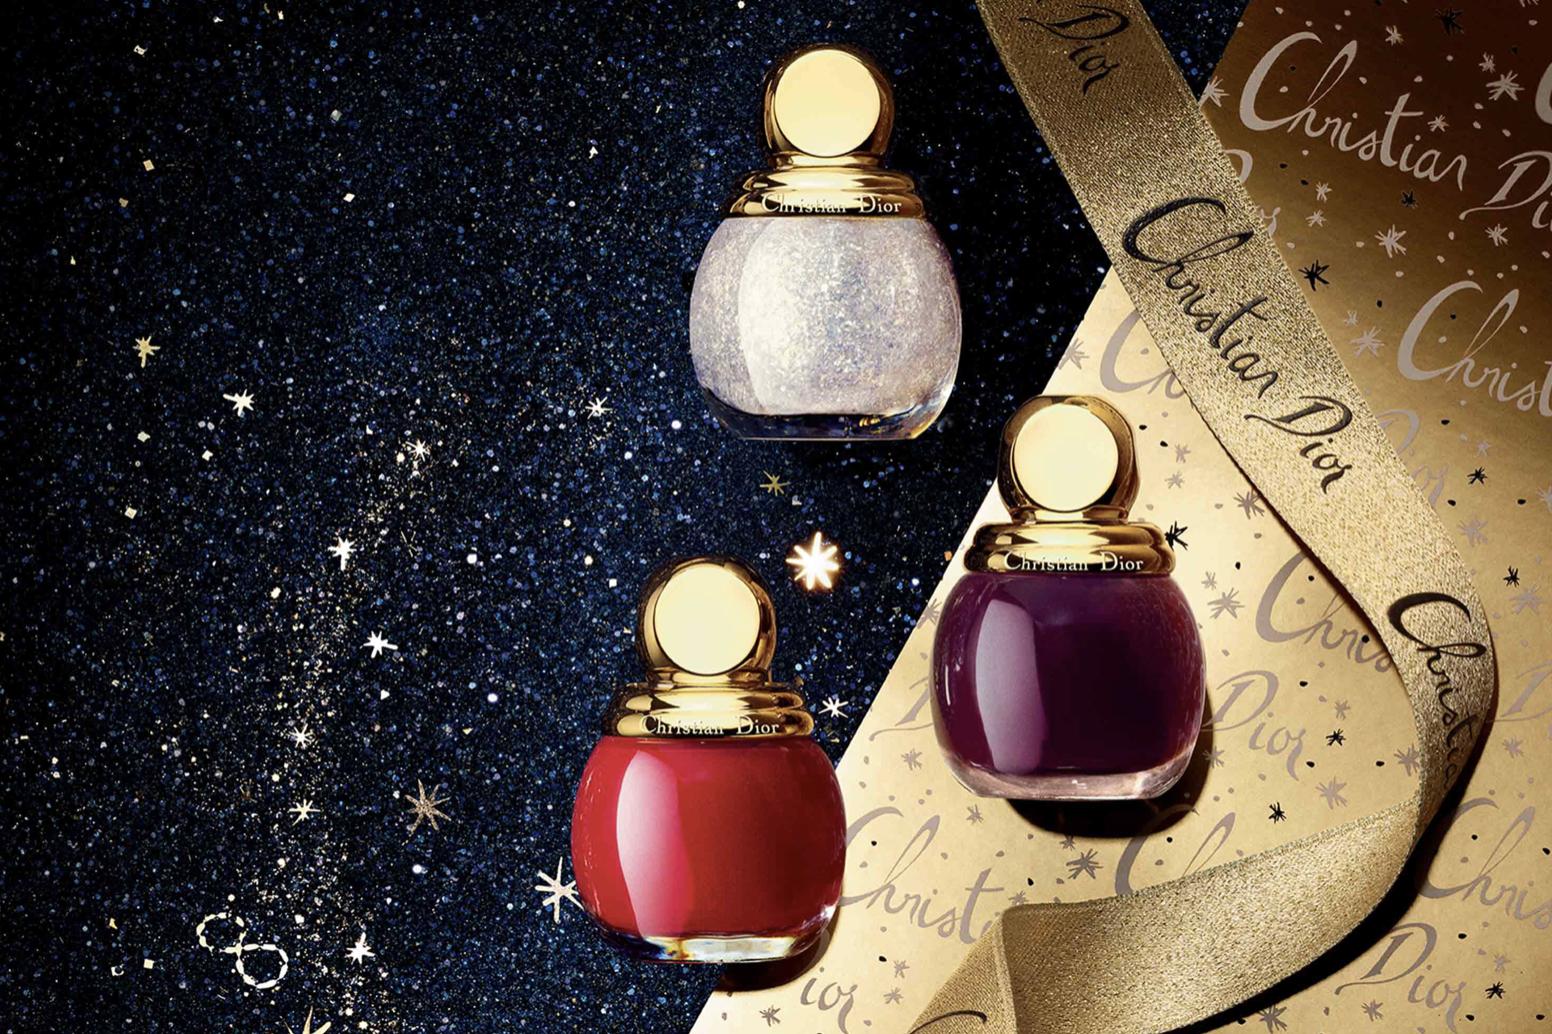 Dior Maquillage Noël 2020 vernis diorific